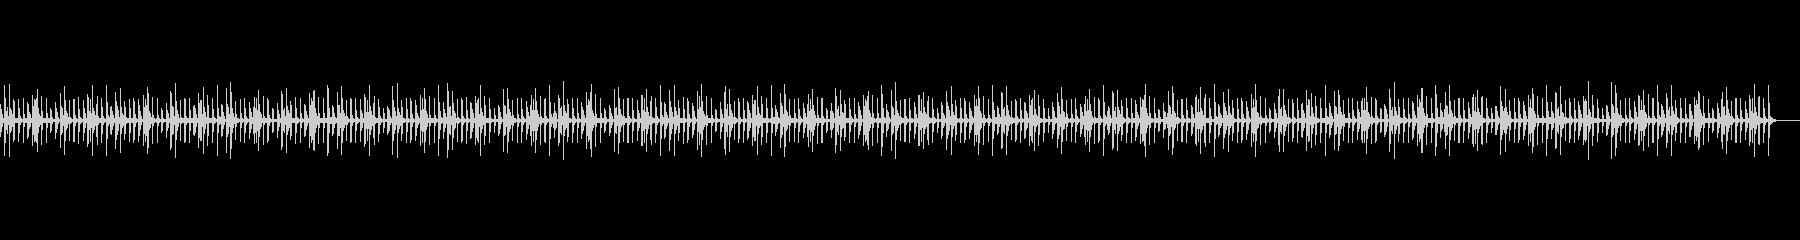 【劇伴】緊迫した会話シーンの劇伴の未再生の波形